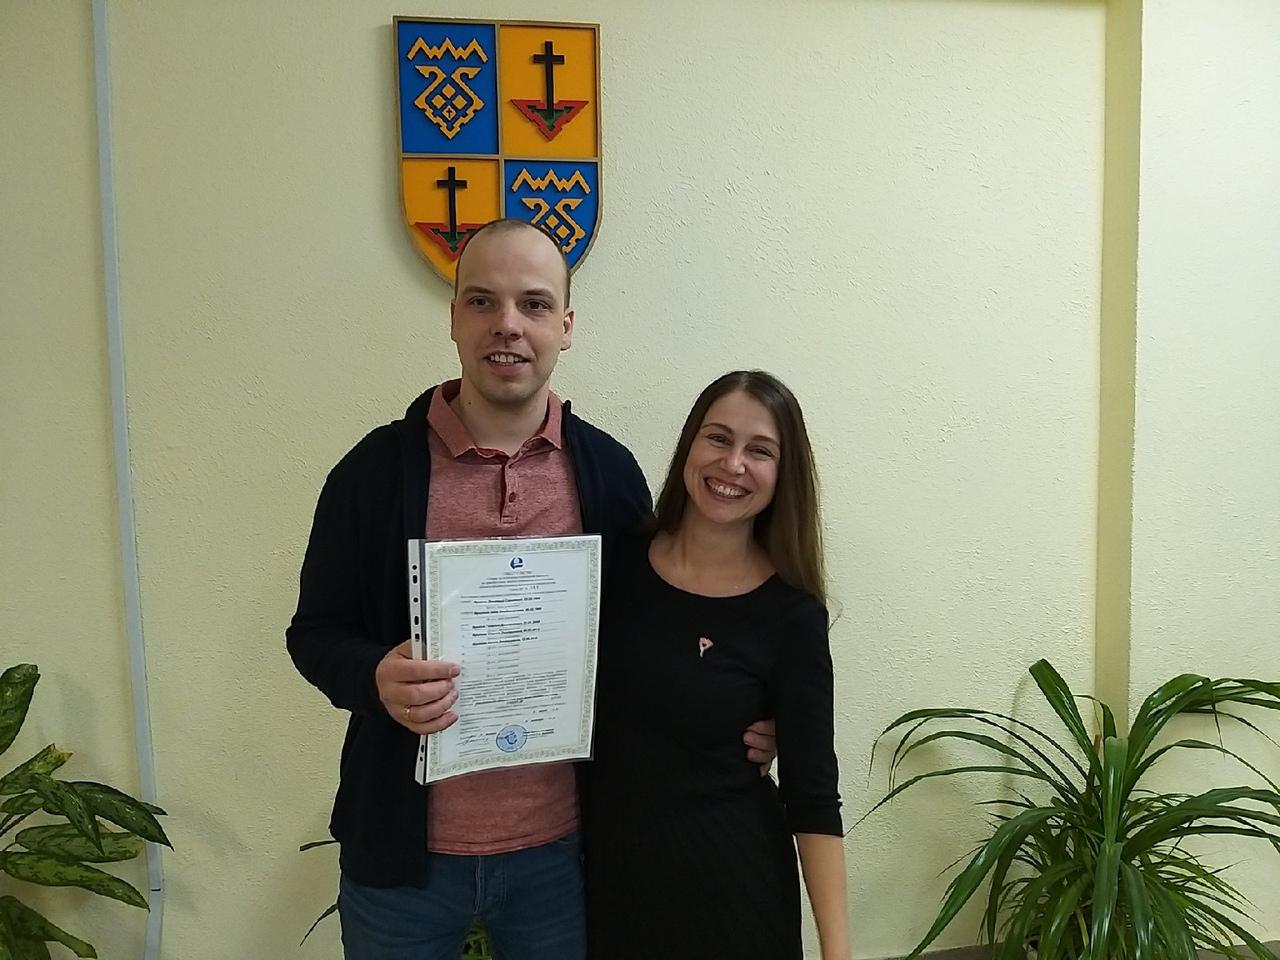 В Тольятти молодые семьи получают выплаты на жилье